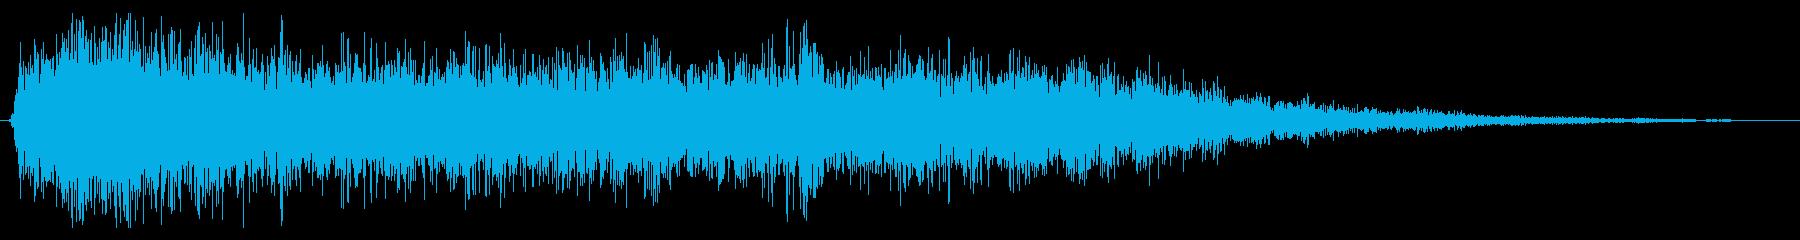 緊張 UFO 04の到着の再生済みの波形